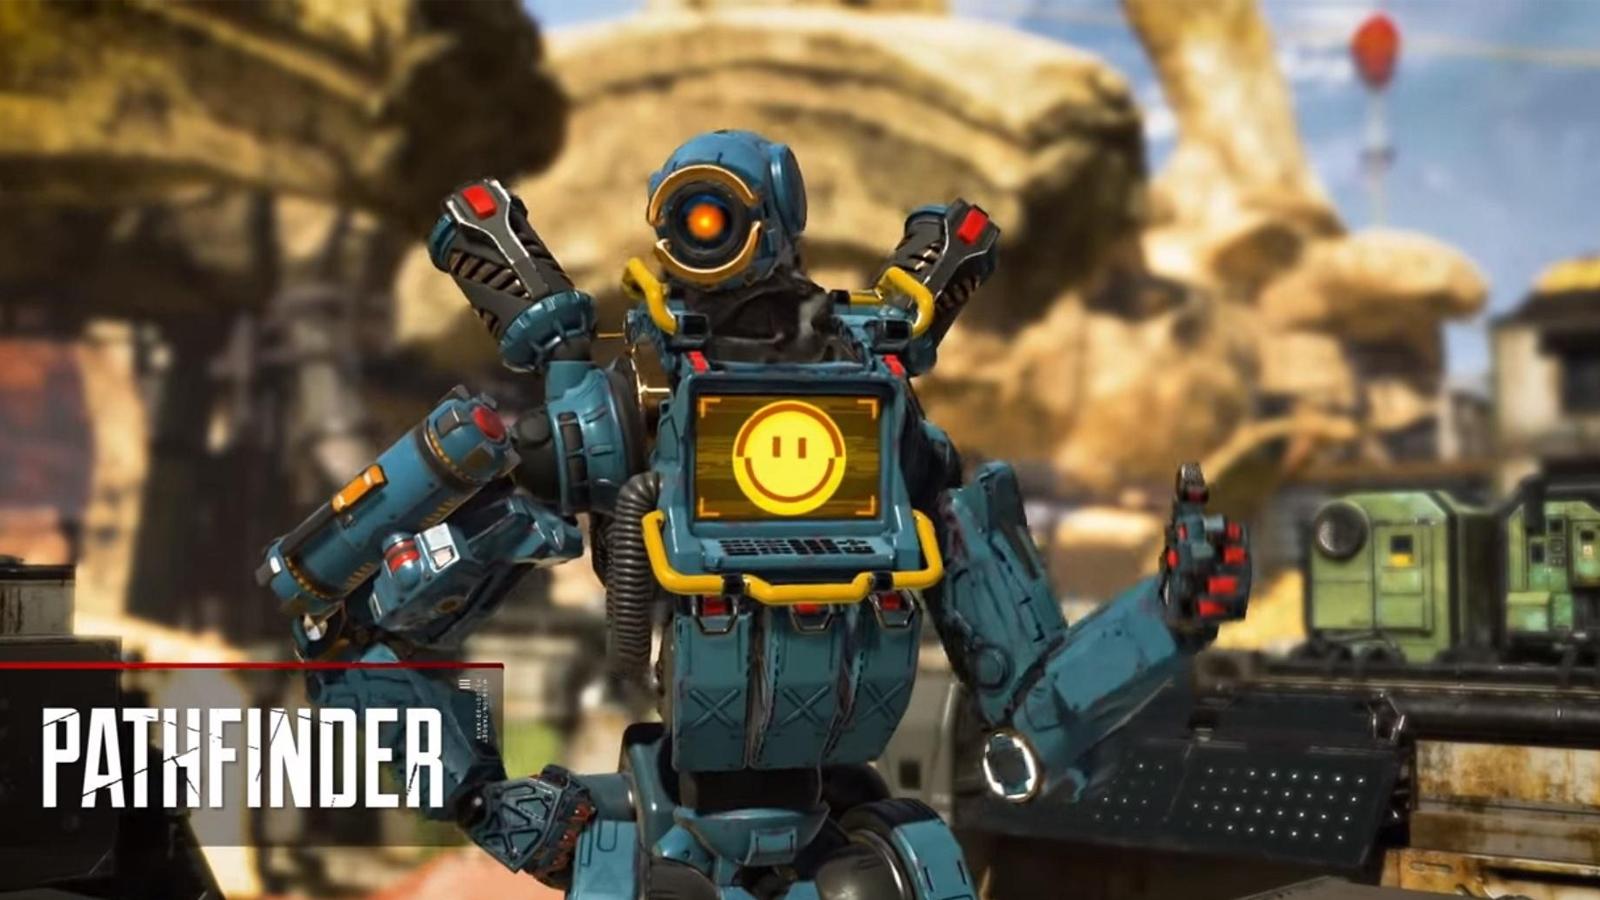 Pathfinder en Apex Legends